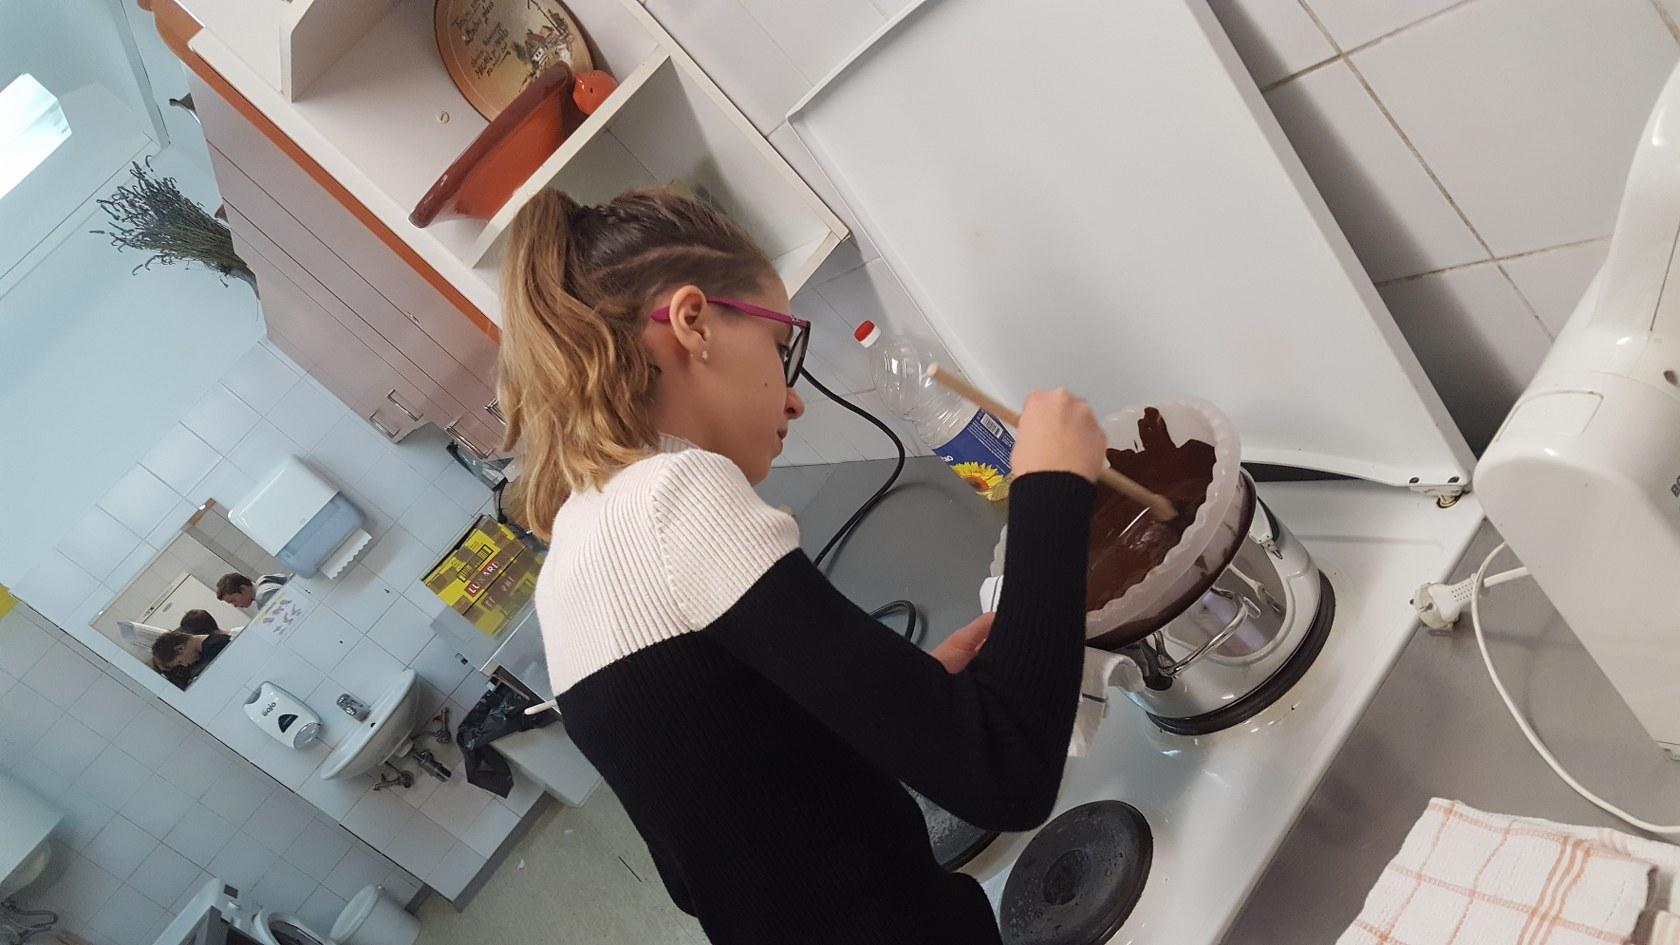 2019_11_12_delavnica_izdelave_cokoladnih_pralin-11